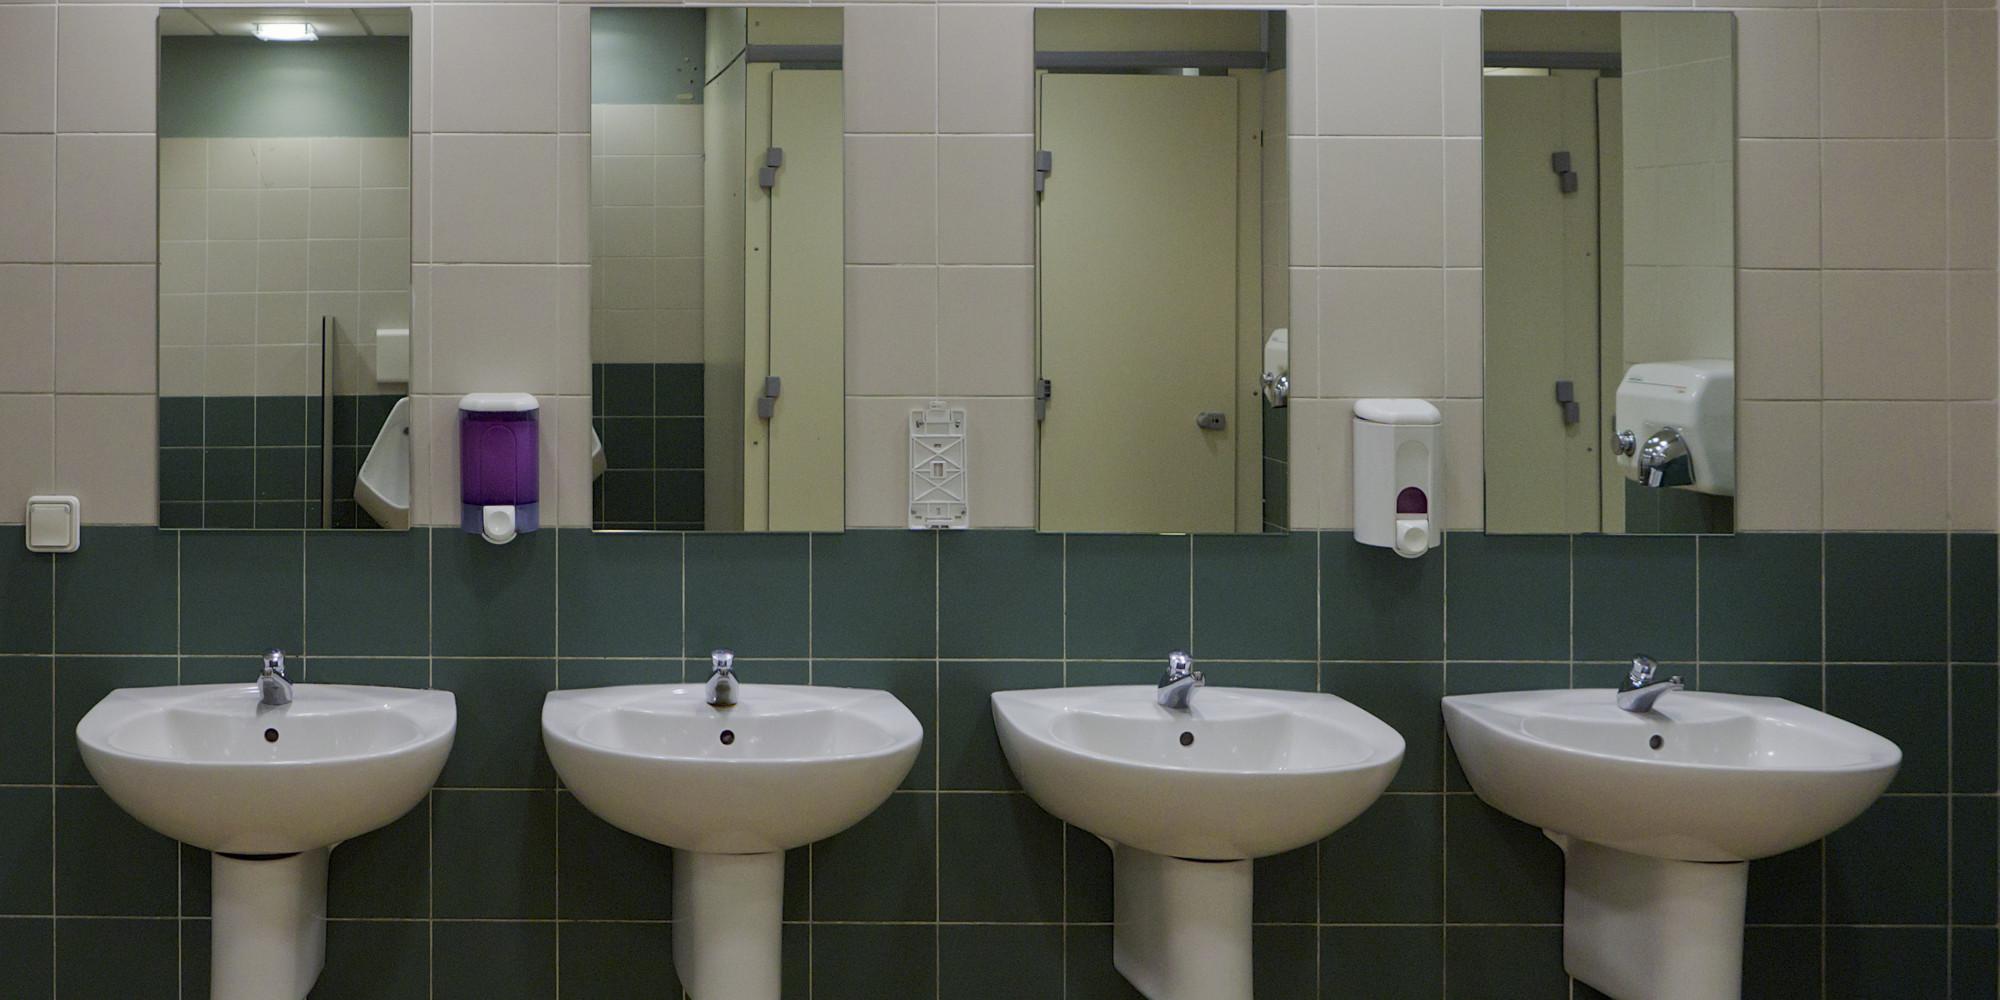 Public Bathroom Mirror